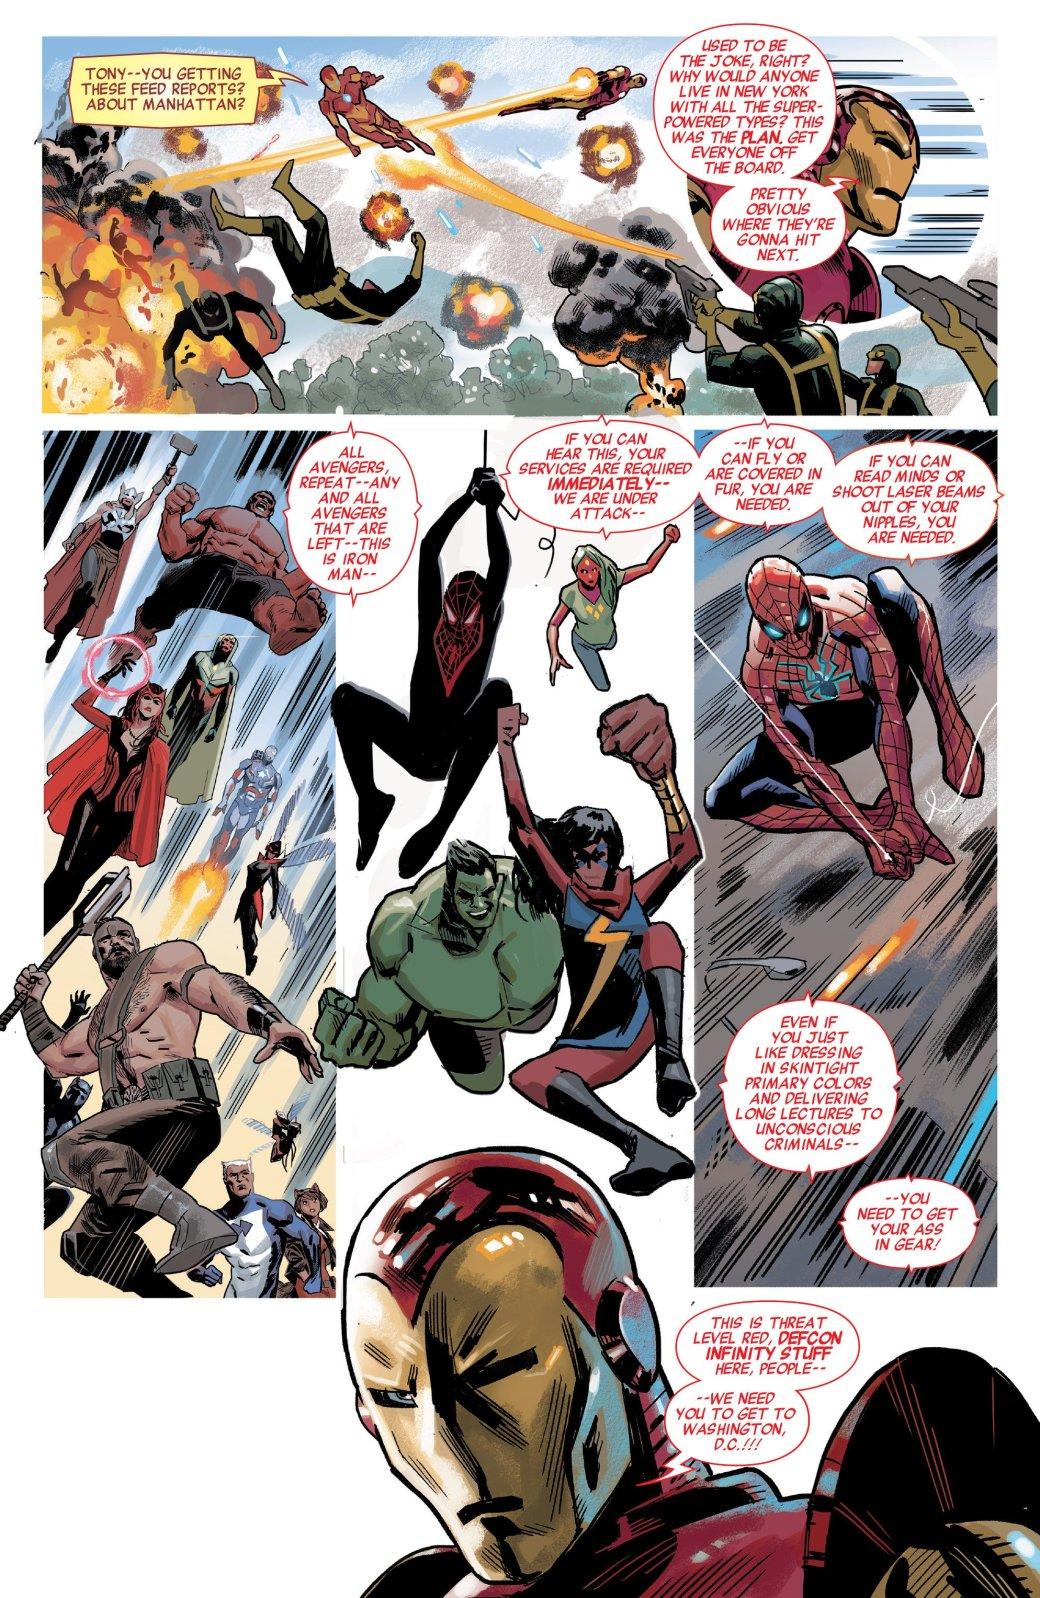 Почему изКапитана Америка получился отличный суперзлодей? | Канобу - Изображение 18